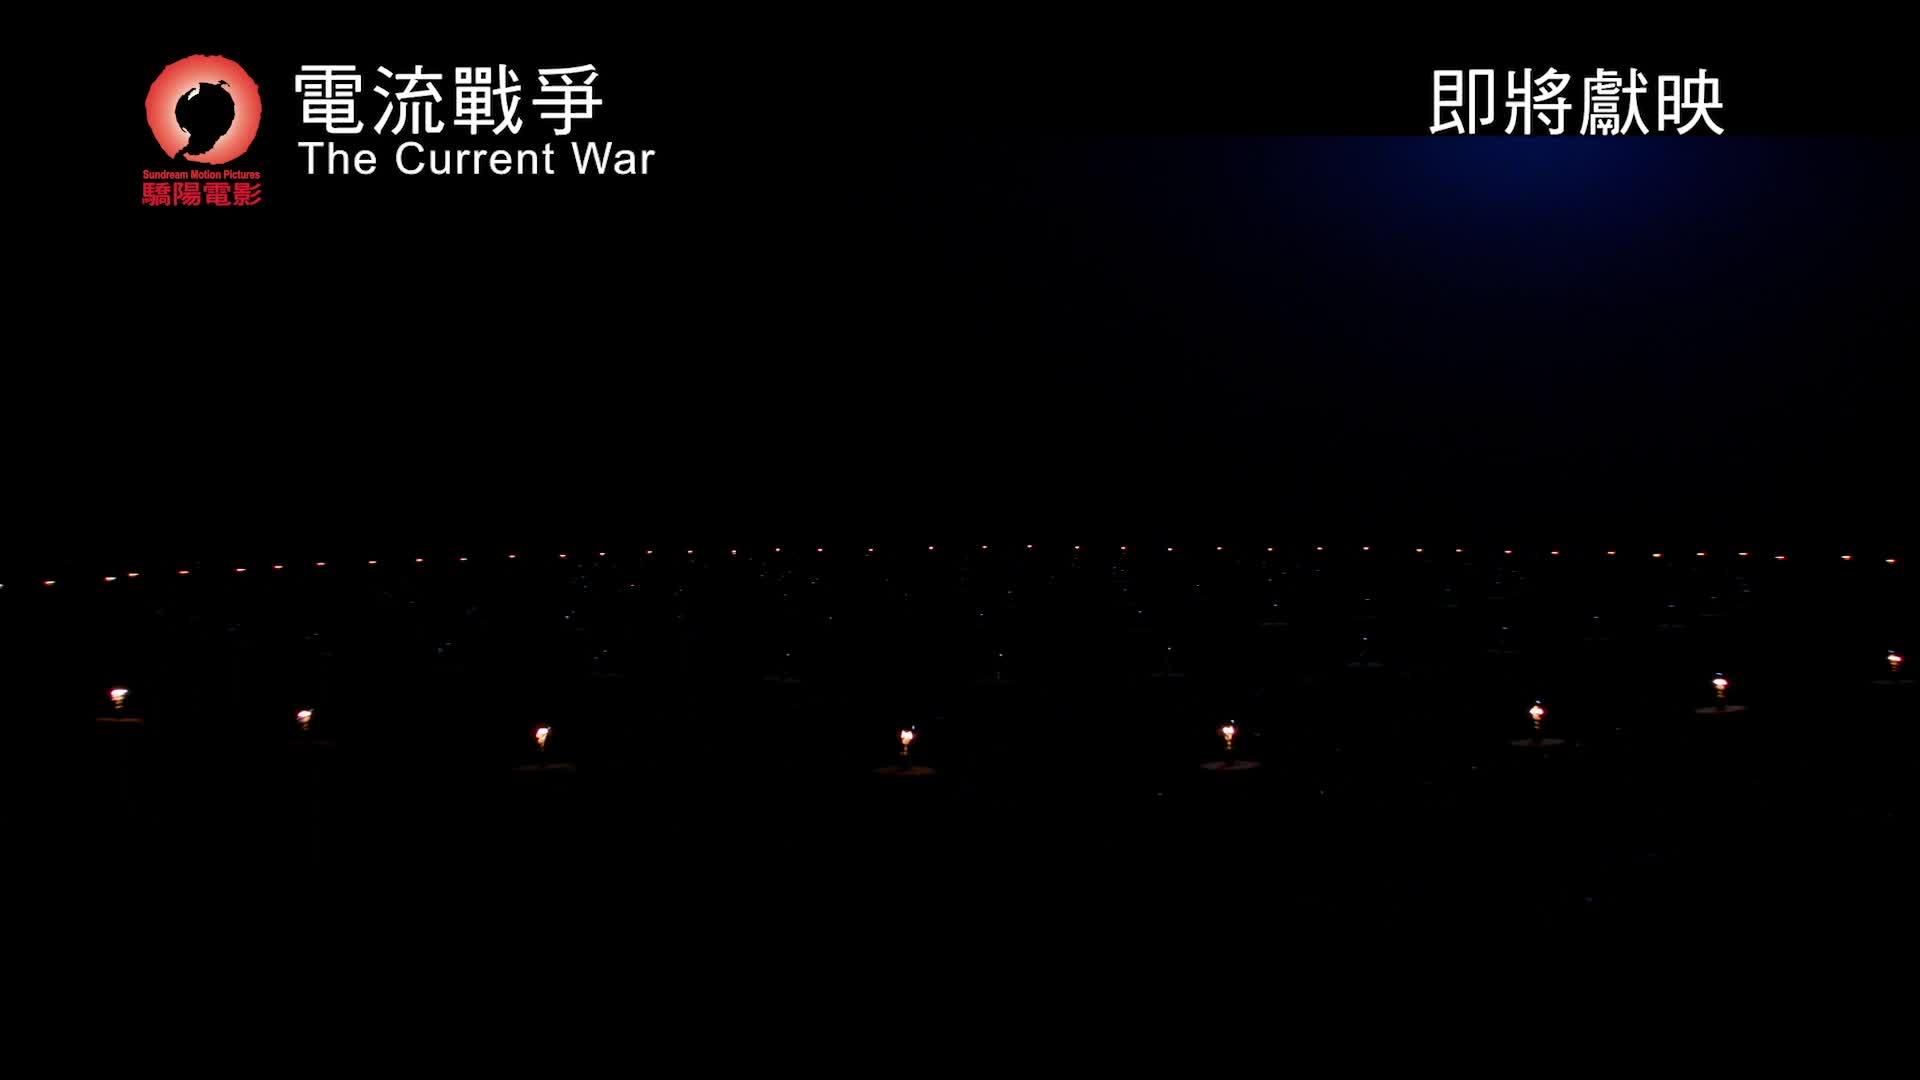 《電流戰爭》中文版預告